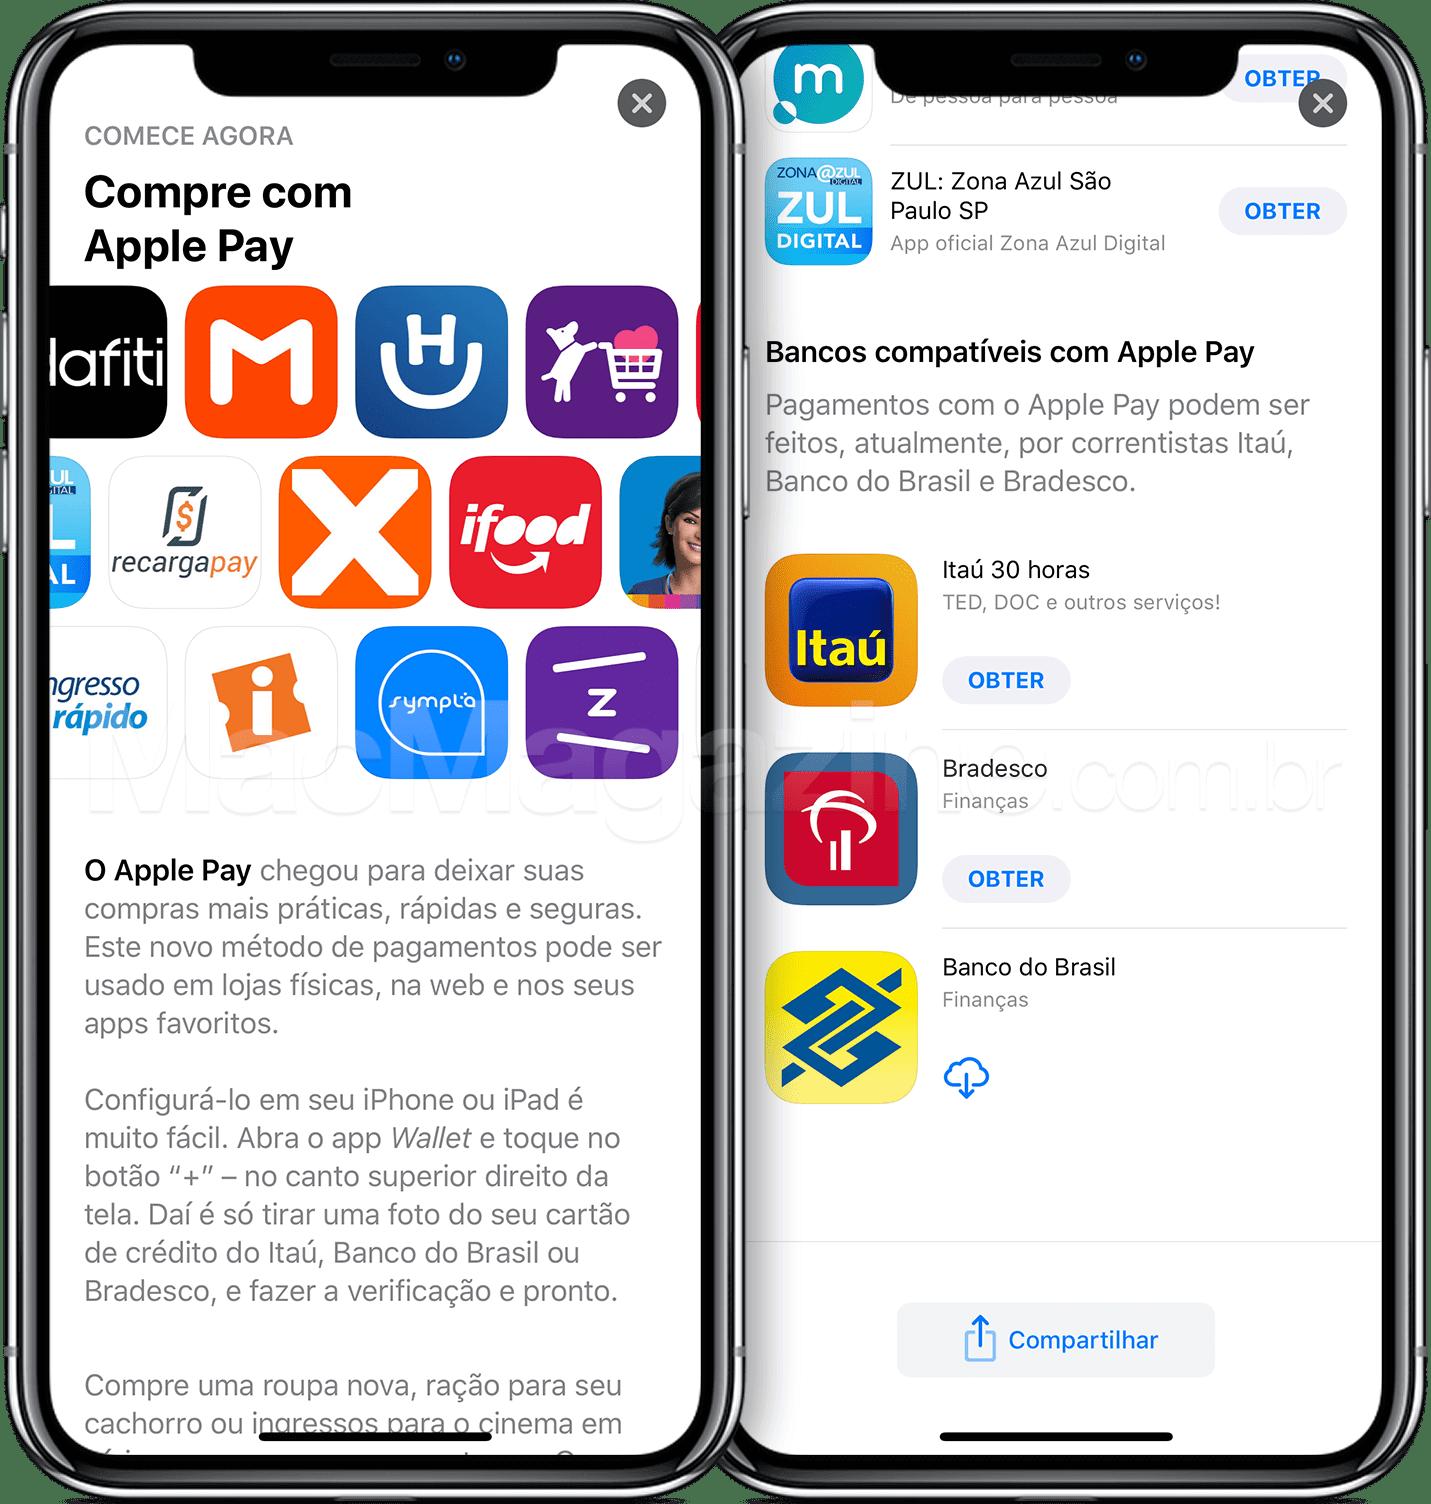 11 applepay - Apple Pay agora suporta também Banco do Brasil e Bradesco